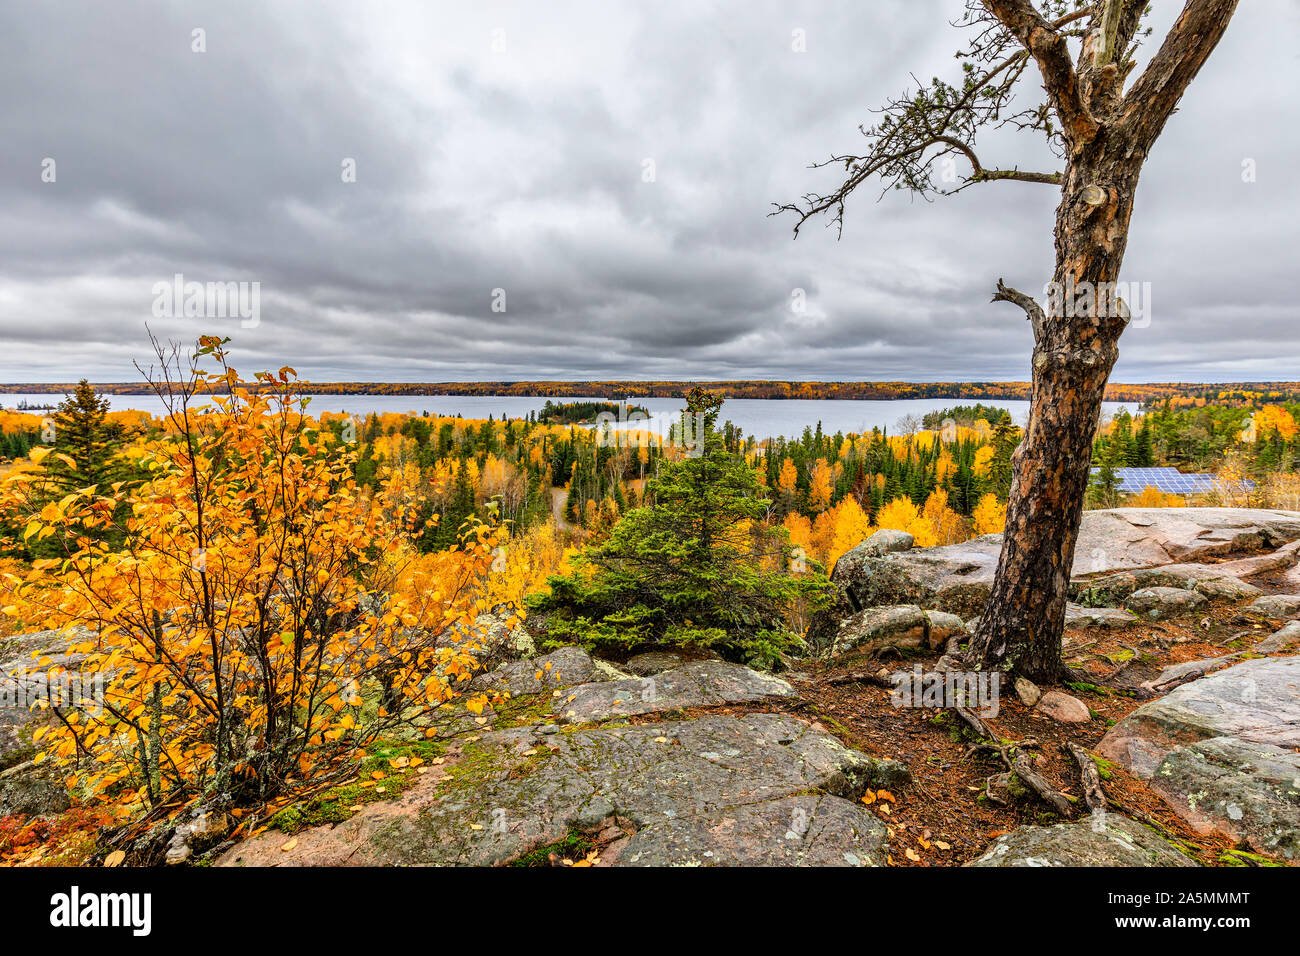 Parte superiore del mondo trail si affacciano in autunno Whiteshell Provincial Park, Manitoba, Canada. Foto Stock